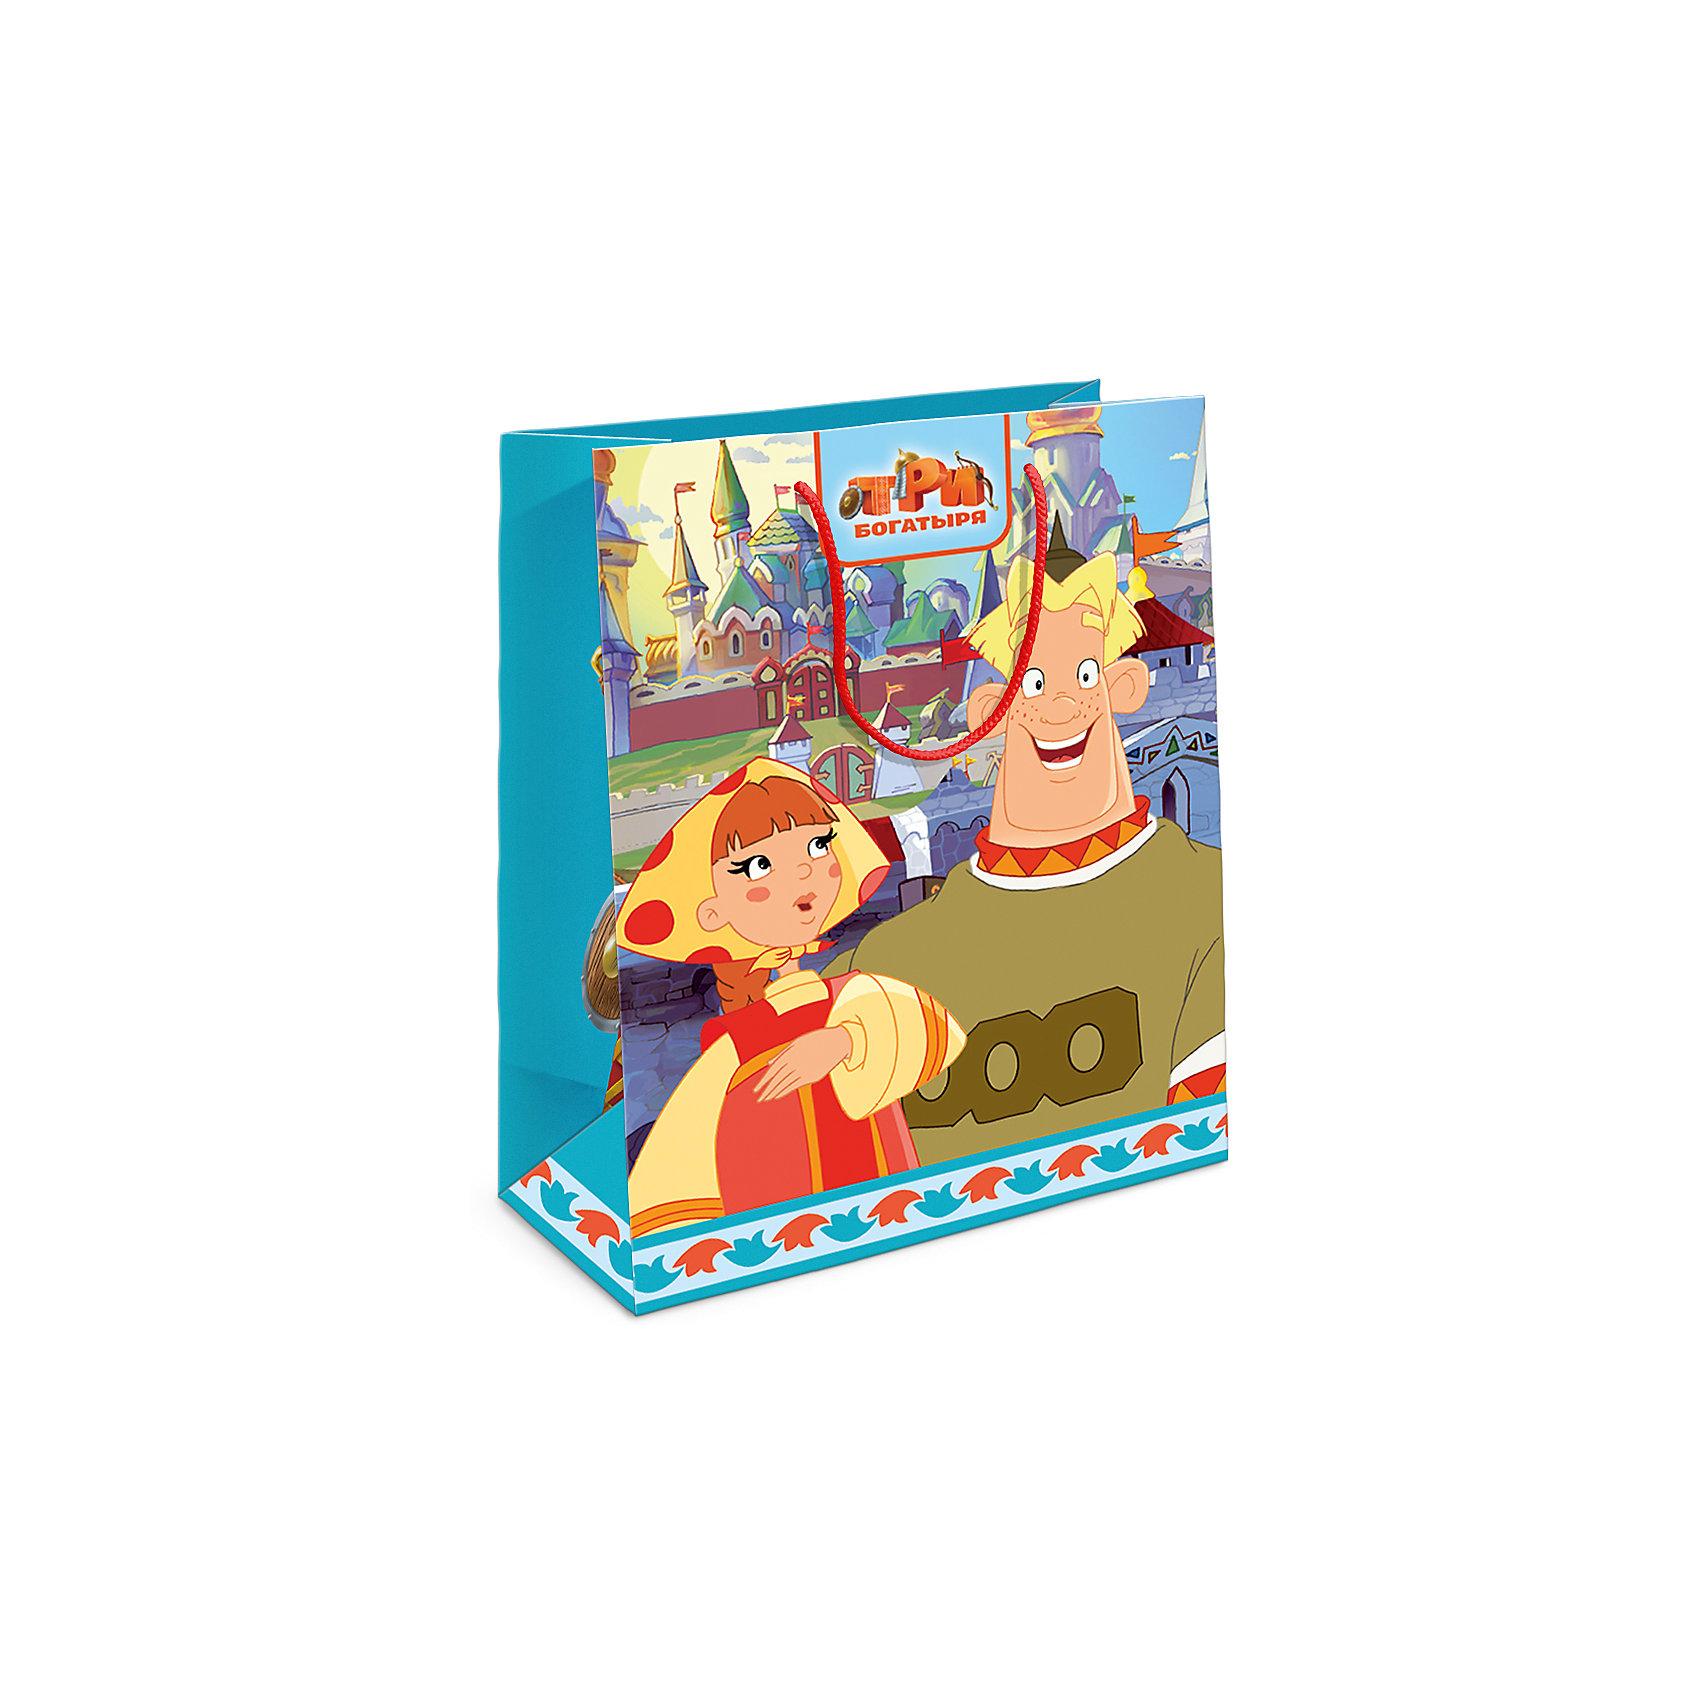 Росмэн Пакет подарочный Любава 230*180*100 пакет подарочный росмэн пеппа и ёлка 230 180 100мм